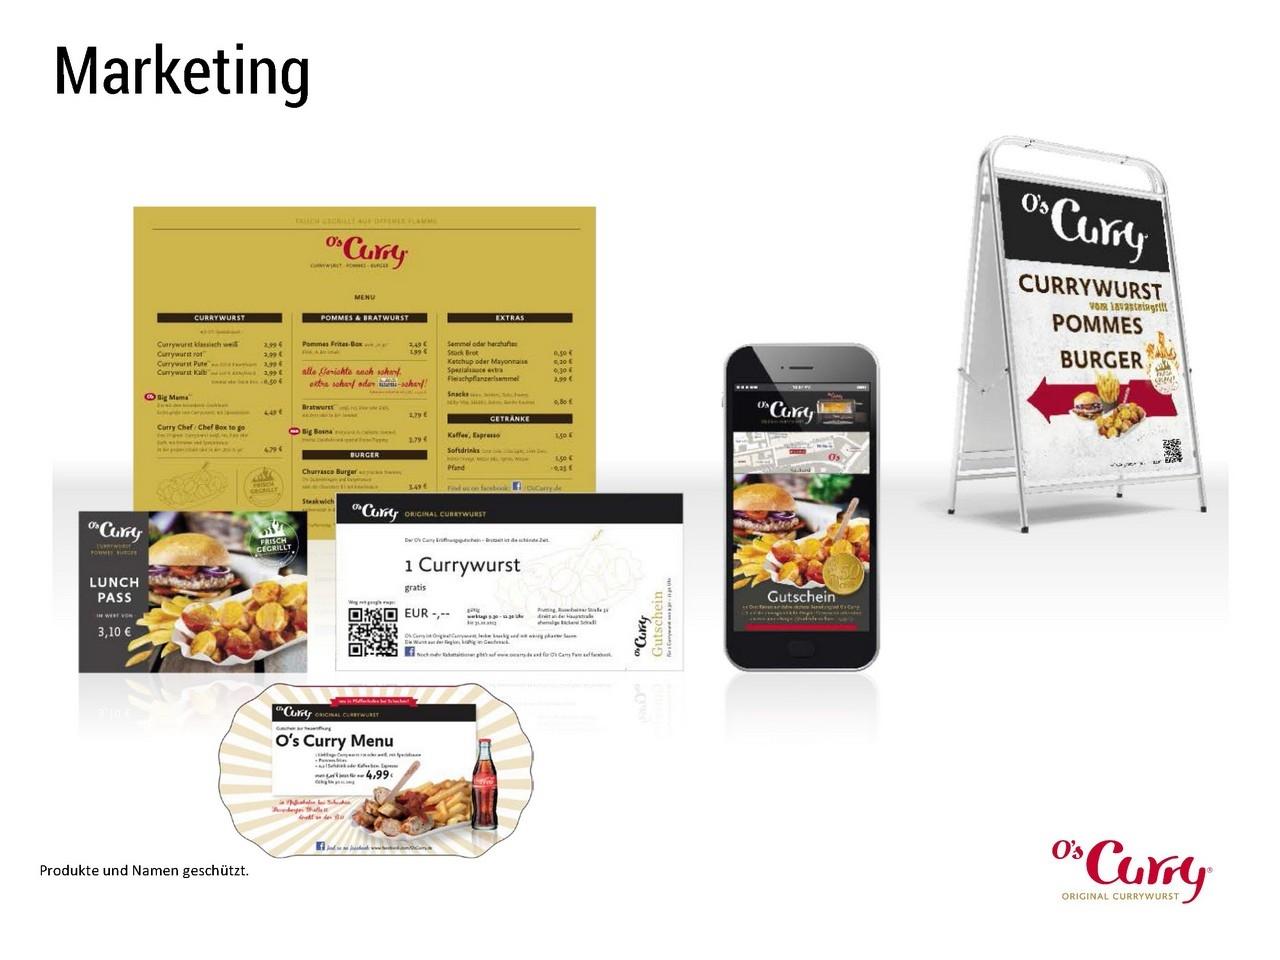 Professionelles Streetfood- und Franchise-Marketing